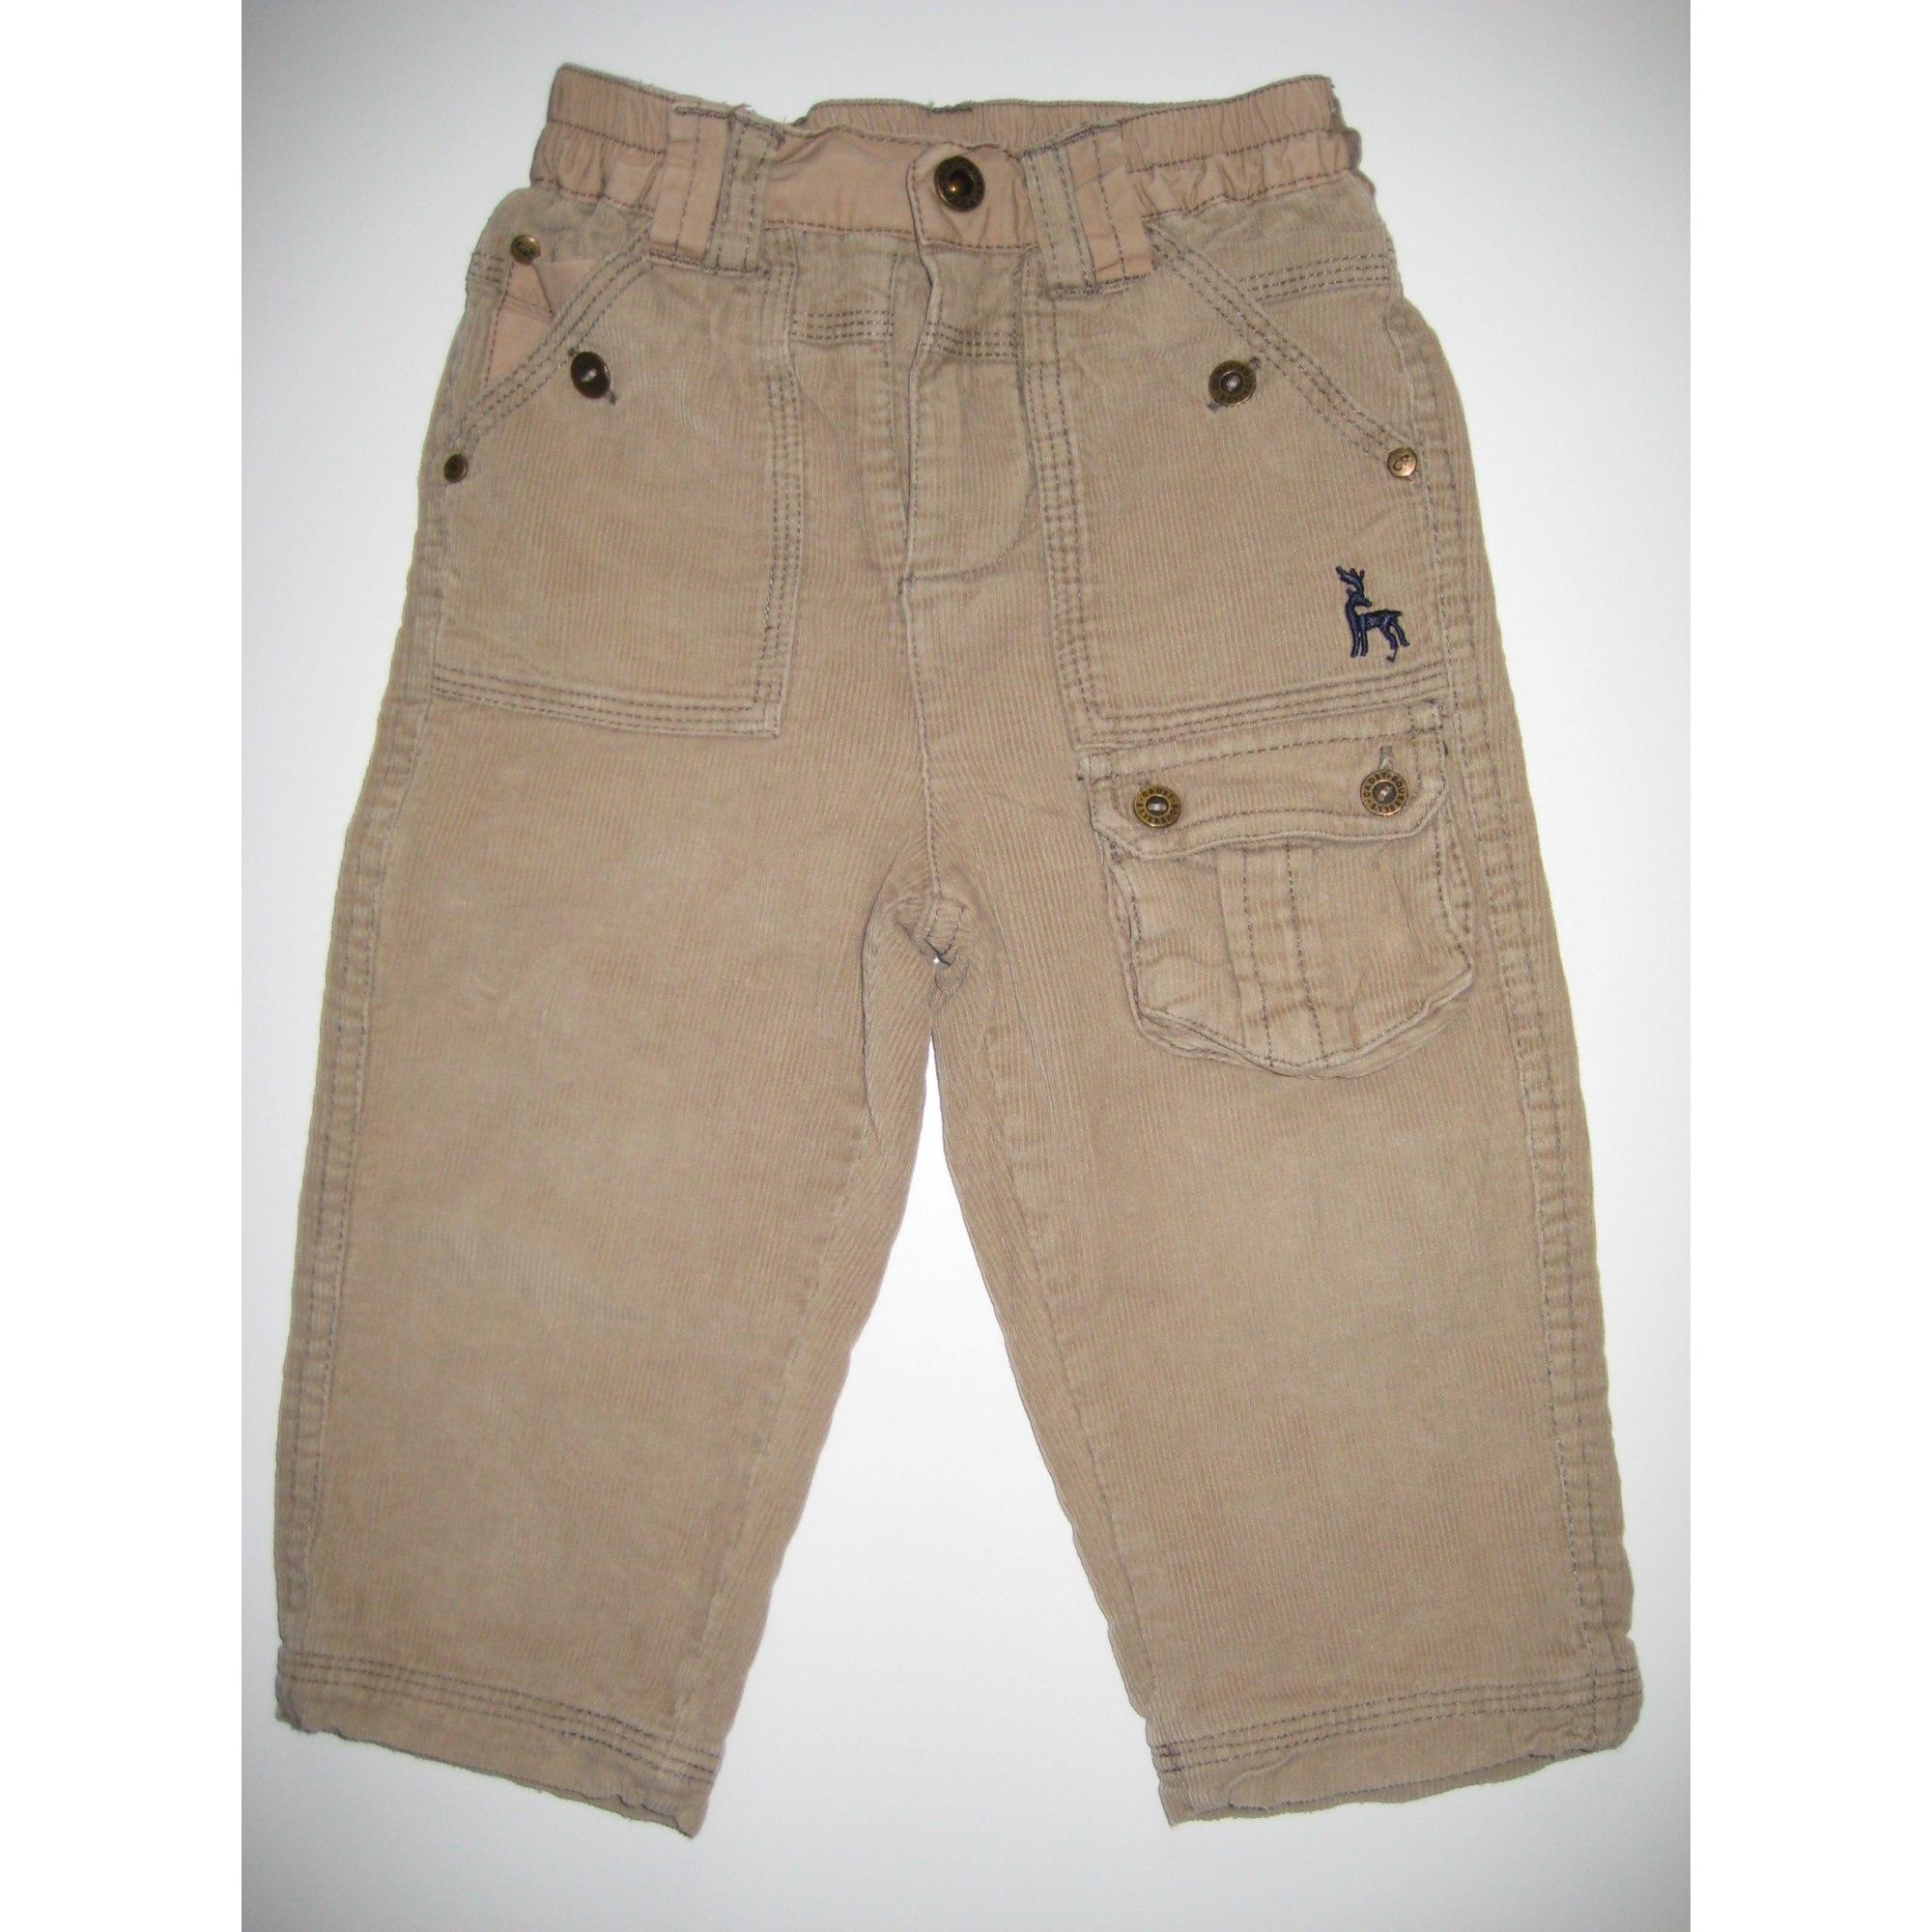 Pantalon CADET ROUSSELLE Beige, camel